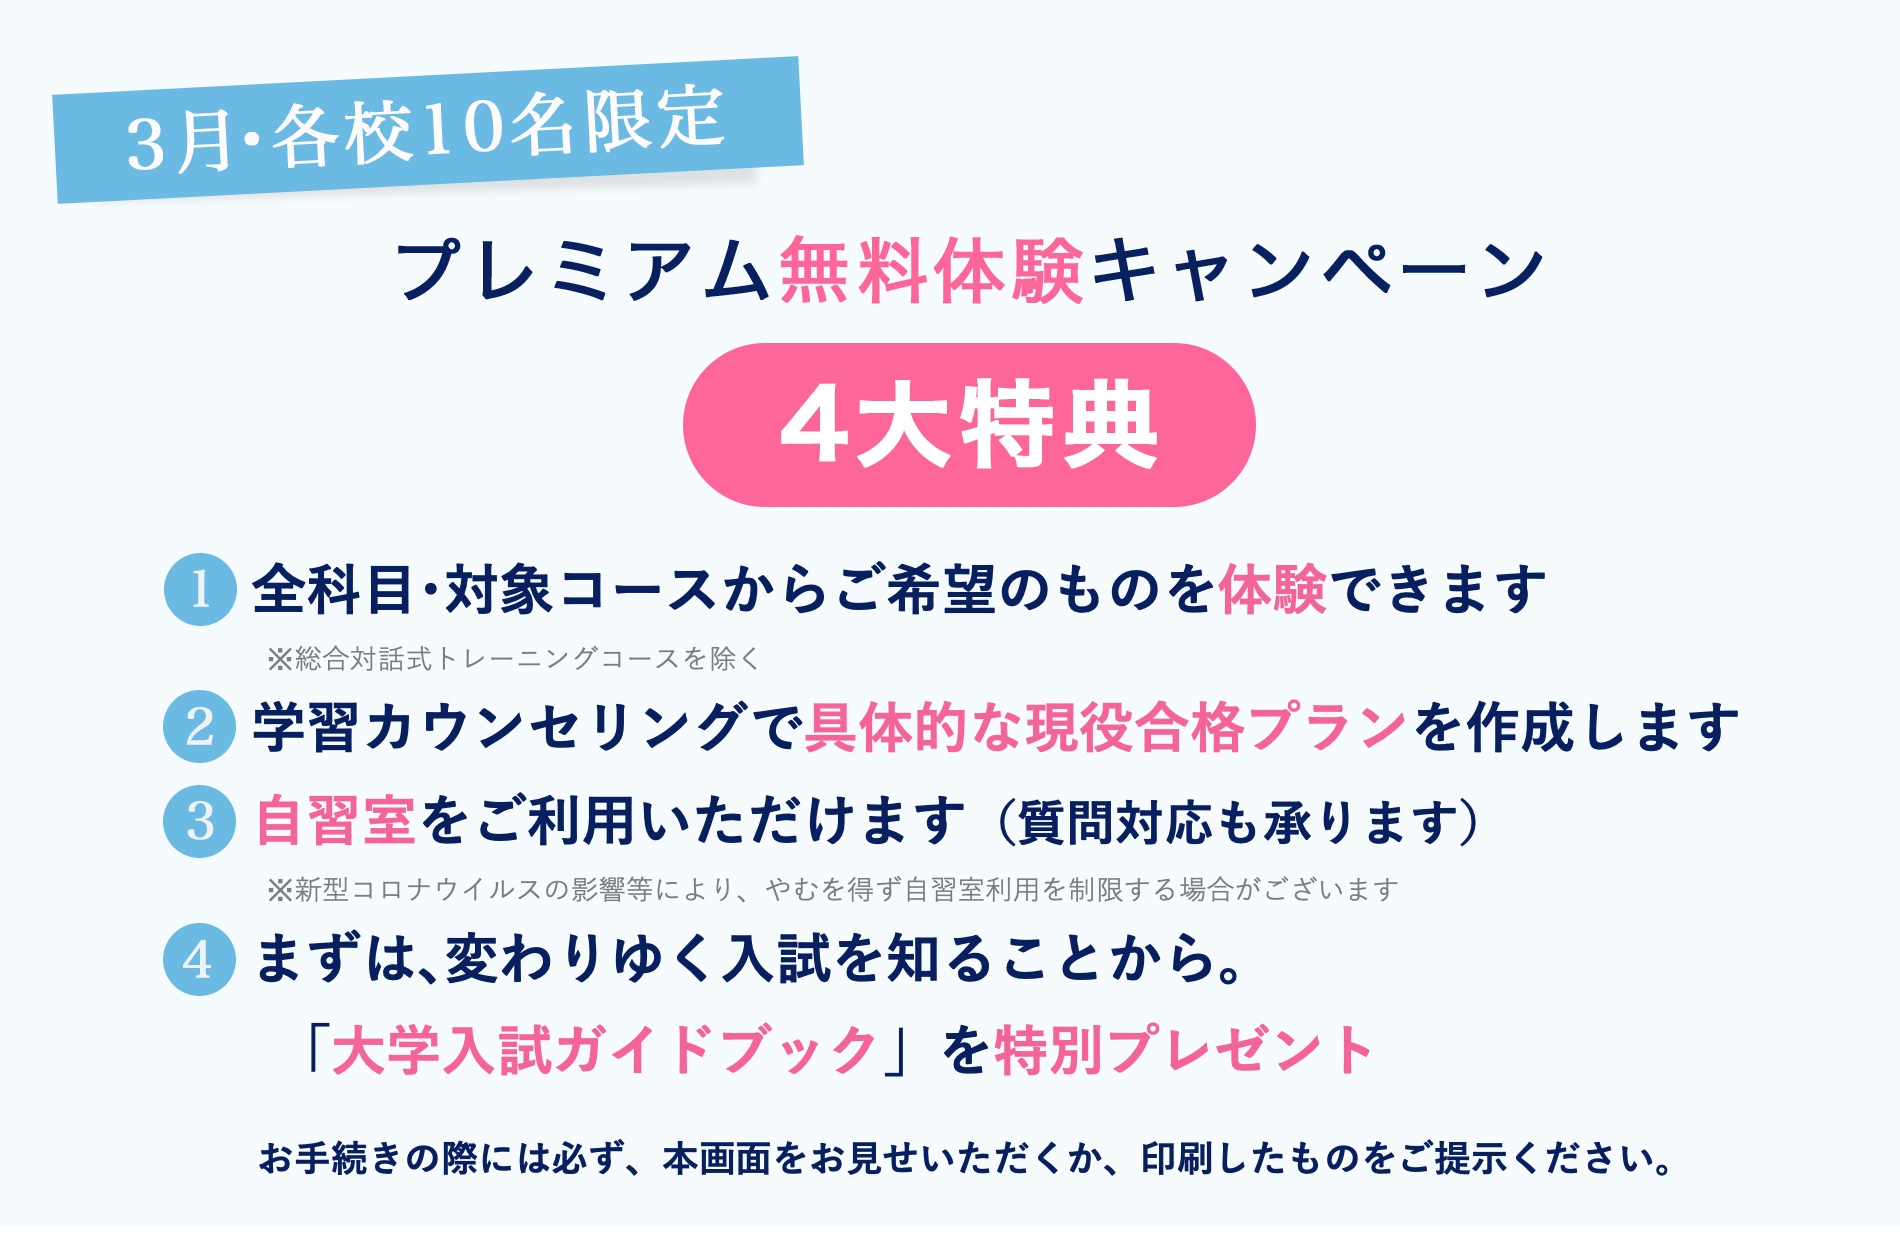 プレミアム無料体験キャンペーン4大特典</p>  <p class=